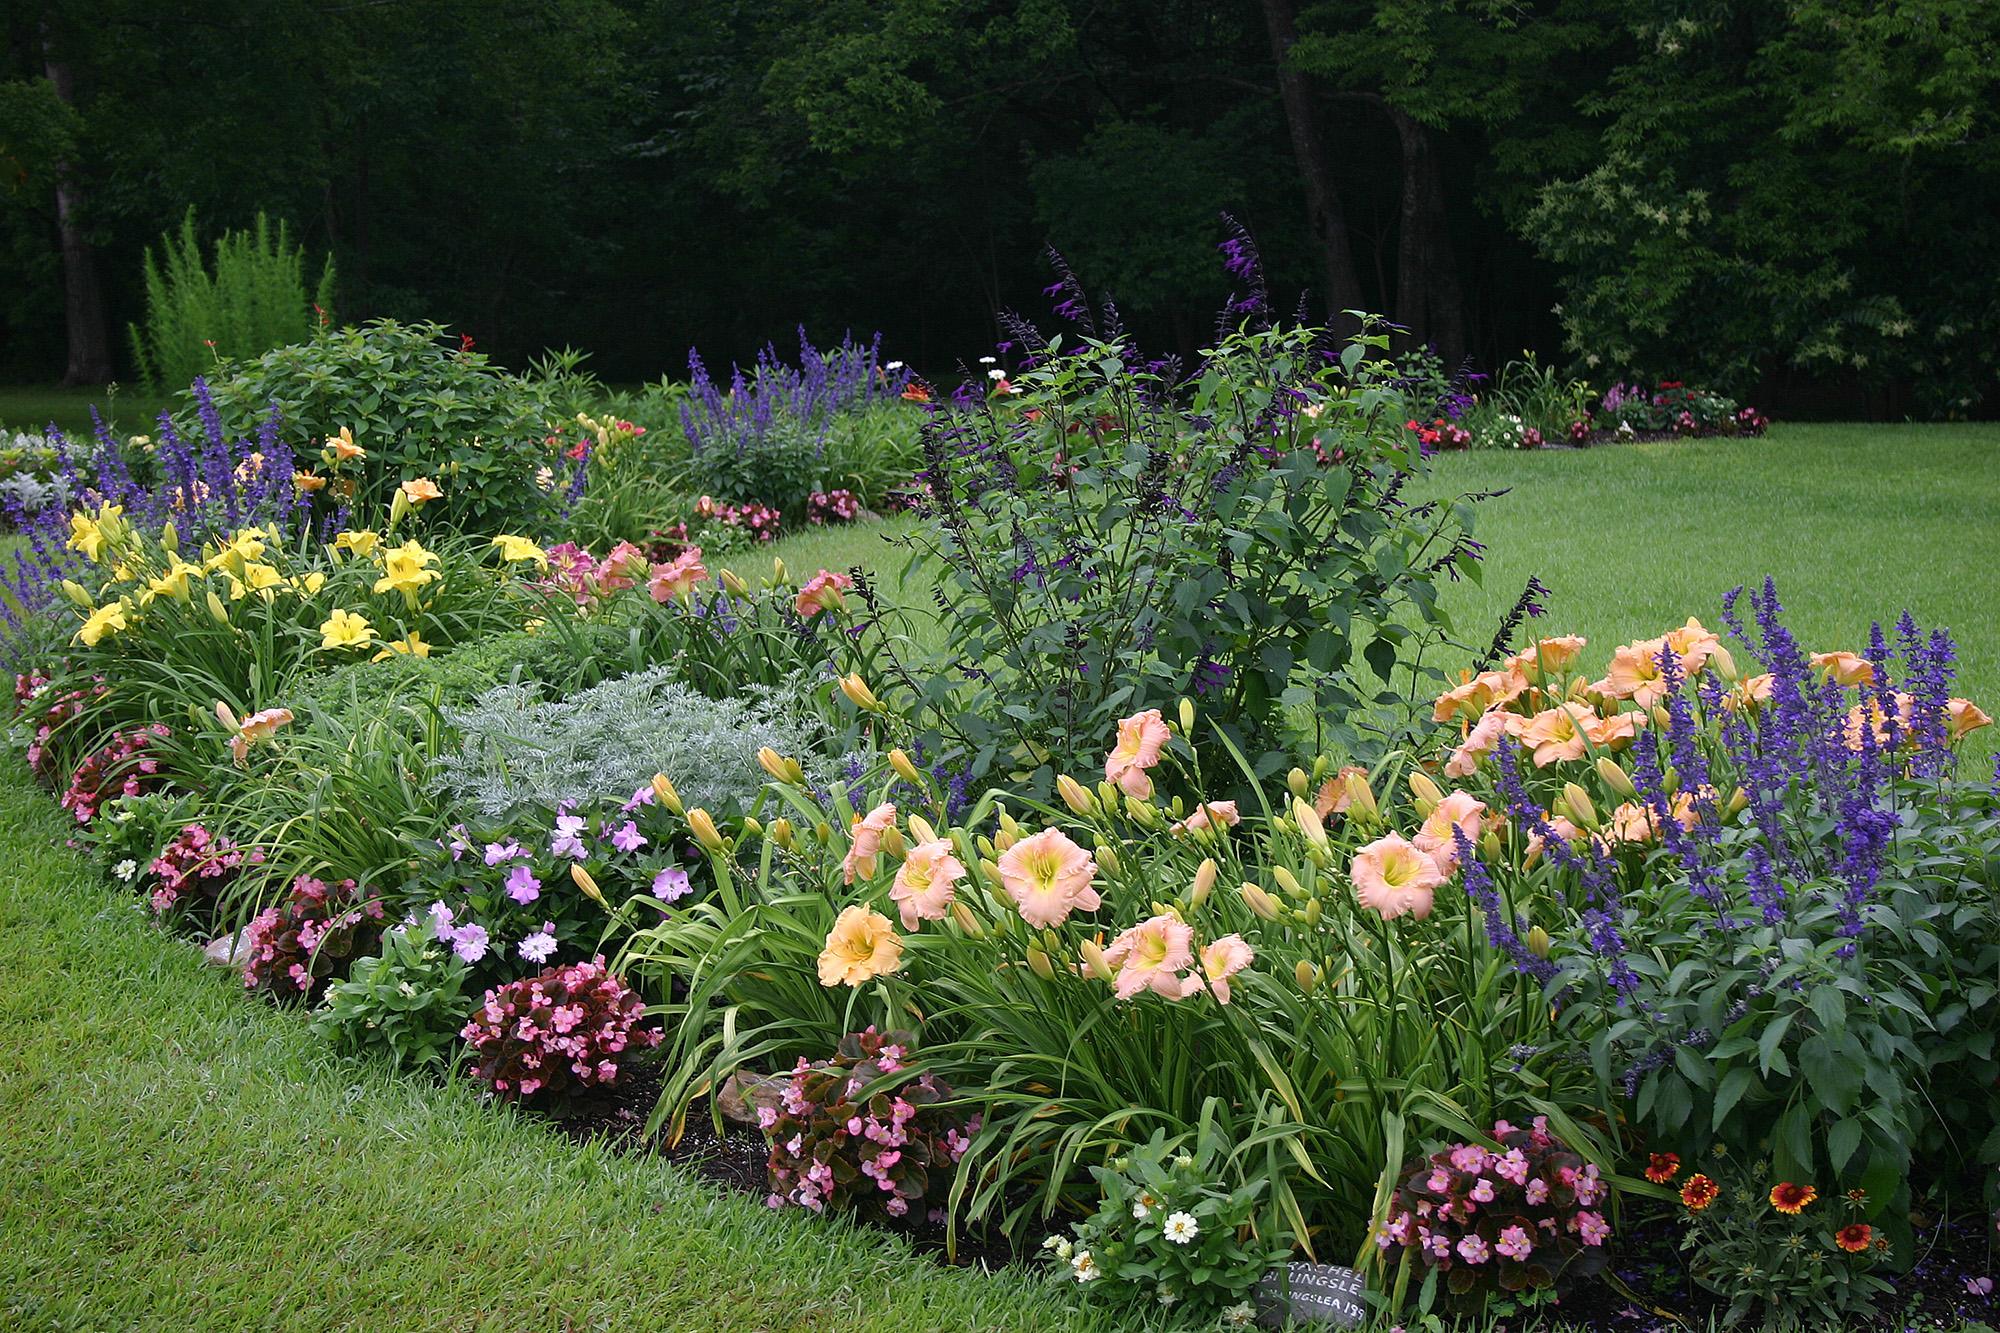 Scene from Billingslea Garden